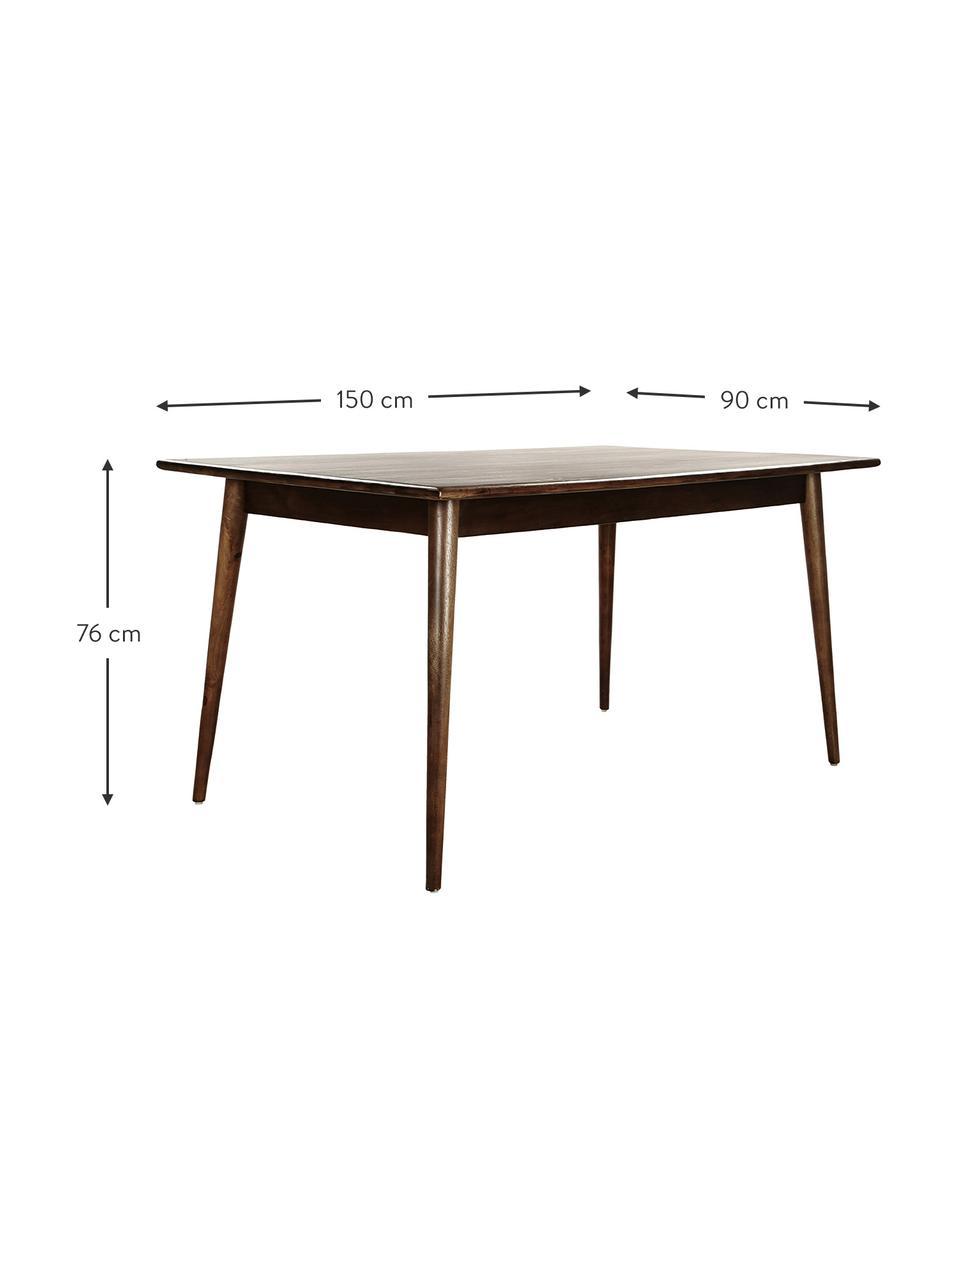 Stół do jadalni z drewna mangowego Oscar, Lite drewno mangowe, lakierowane, Ciemnybrązowy, S 180 x G 90 cm